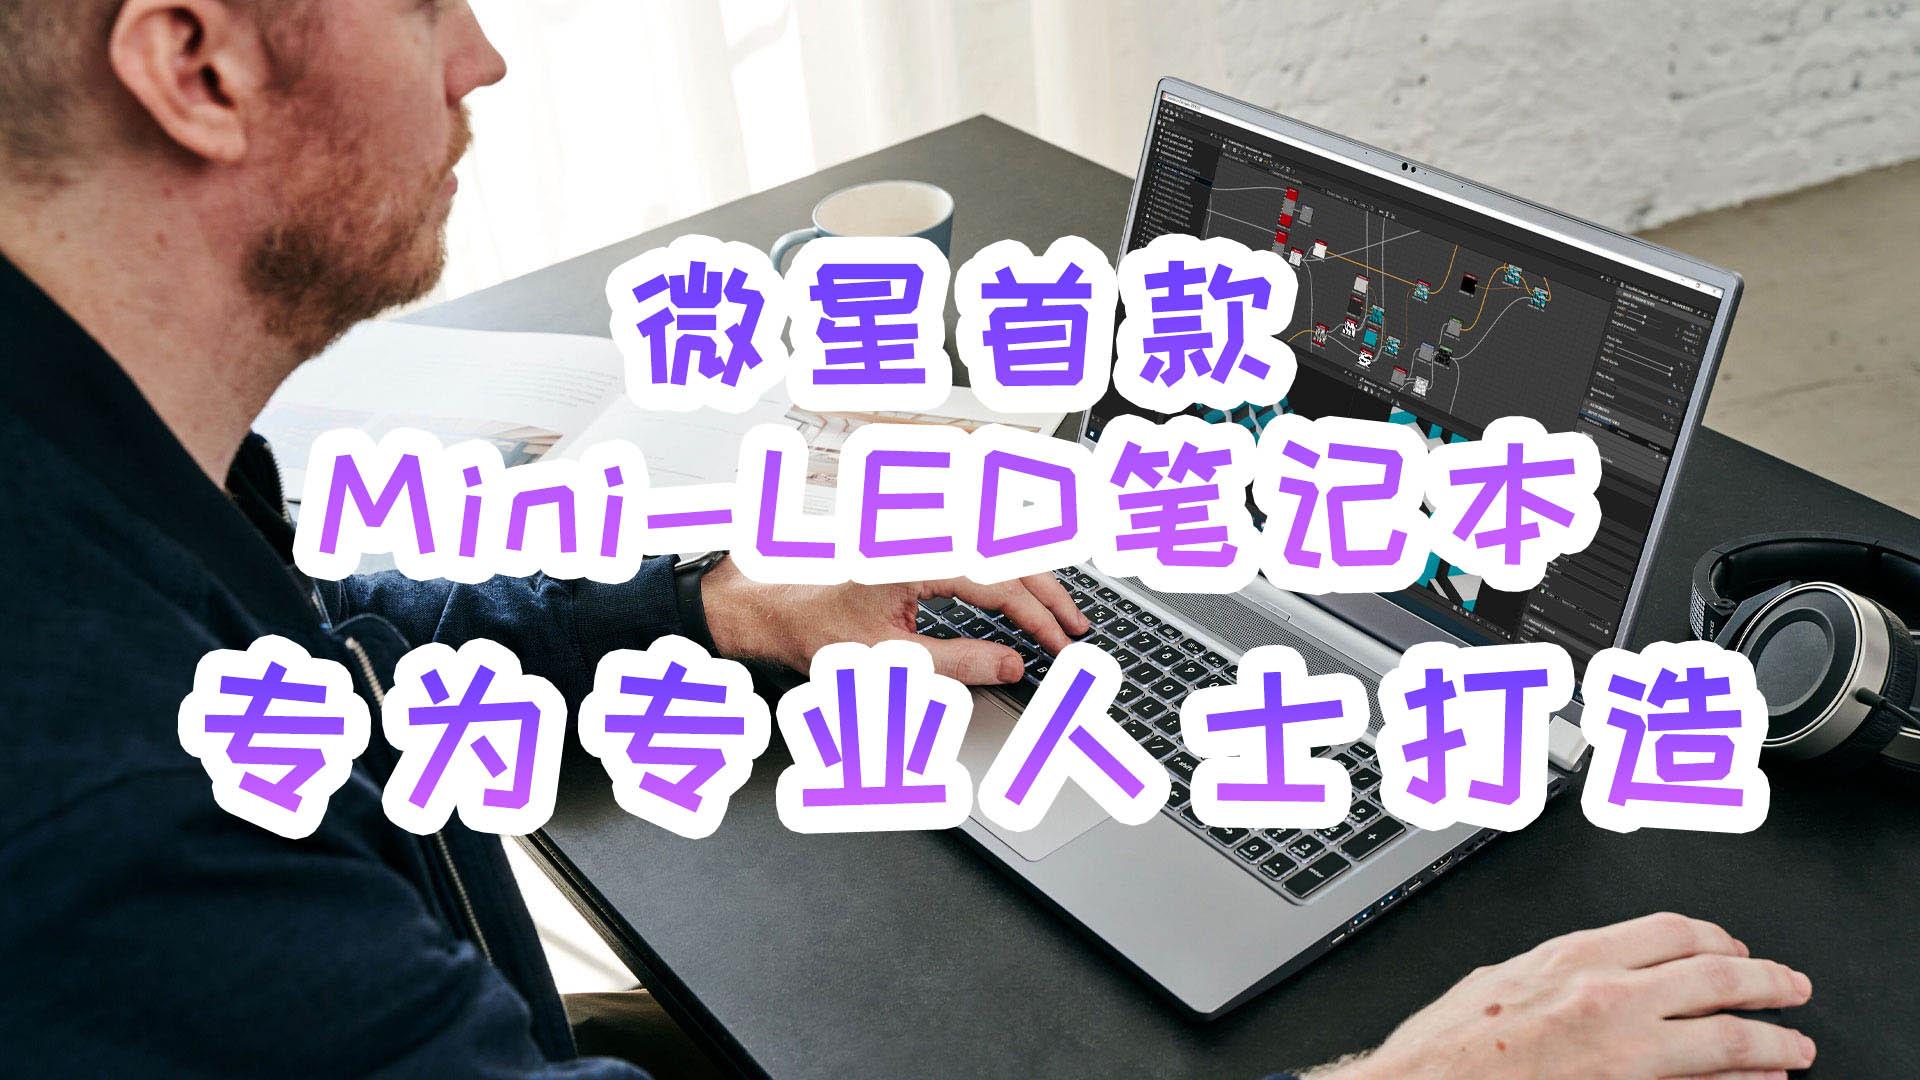 微星首款Mini-LED笔记本上架,专为专业人士打造